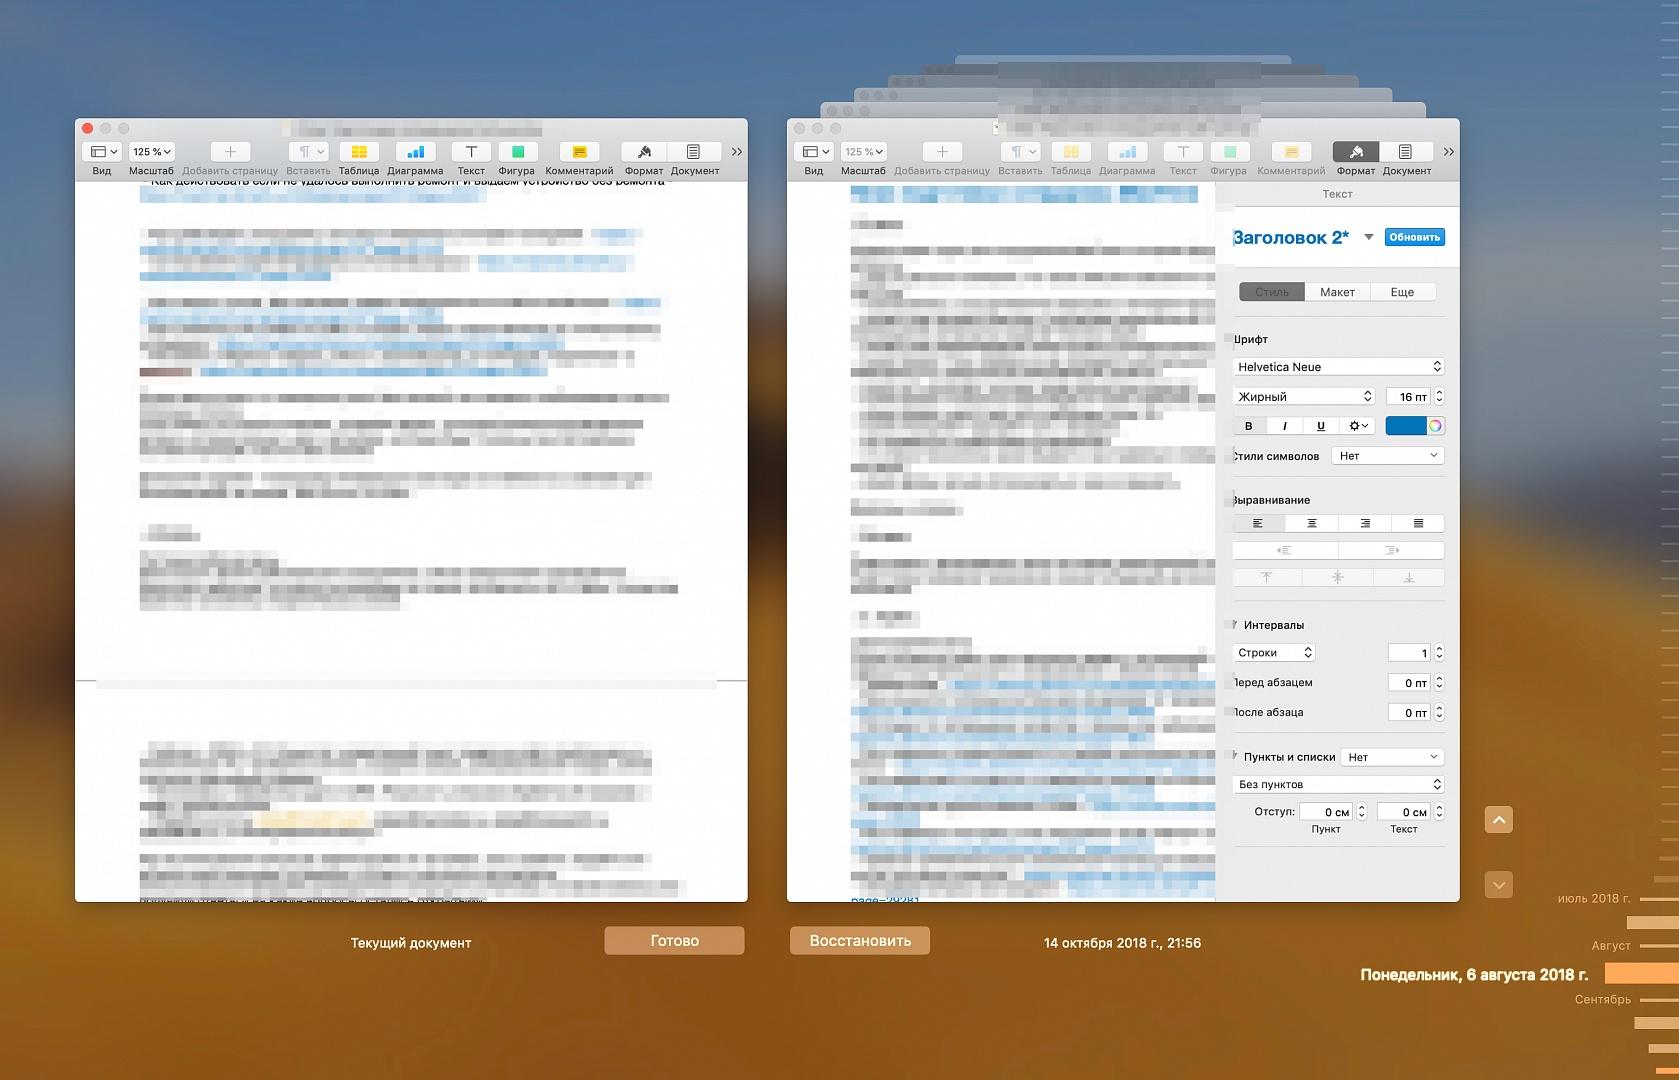 Как восстановить случайно закрытые страницы в браузере, документы в офисных программах